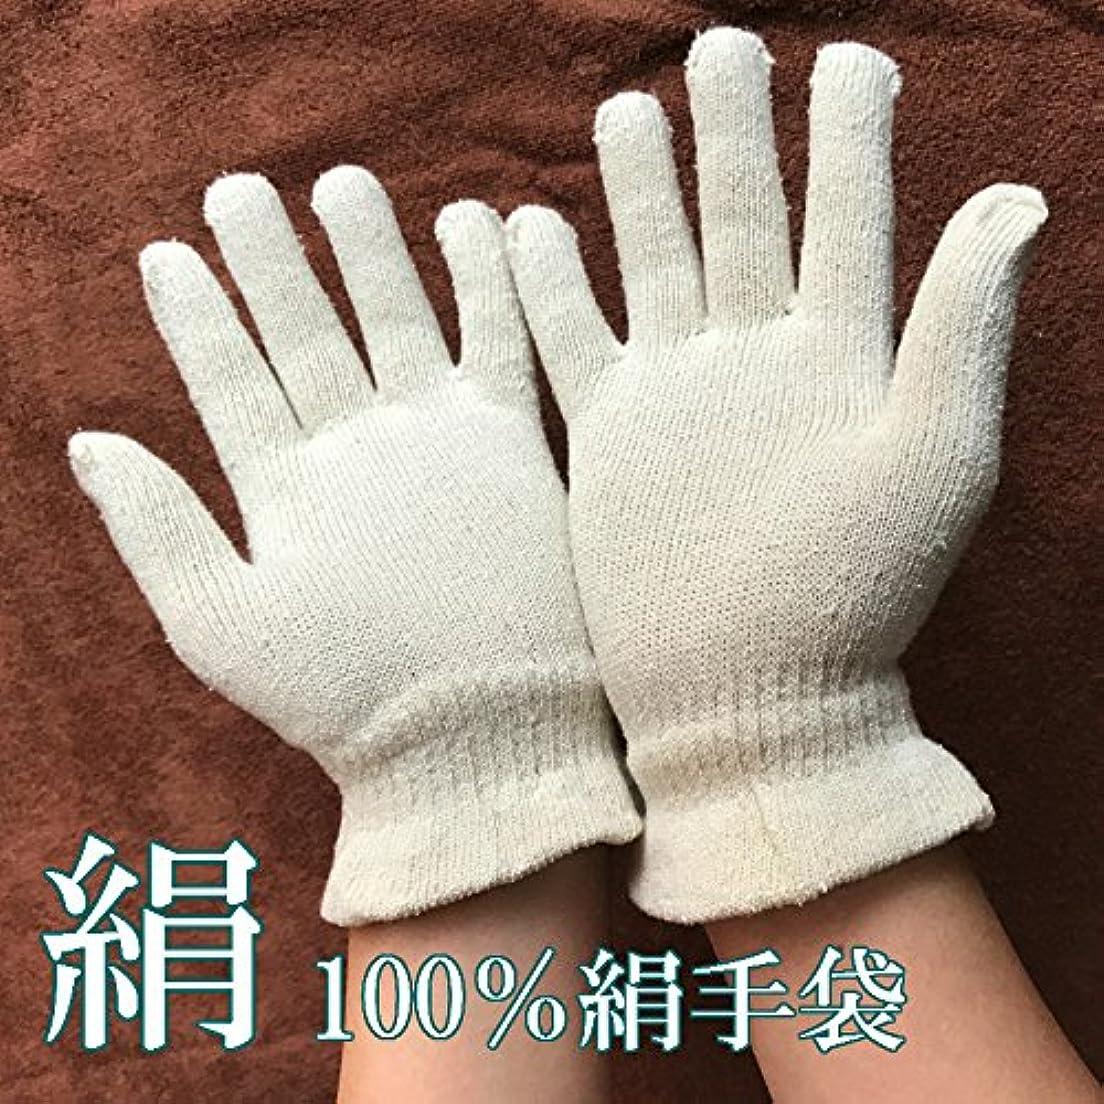 ペチコート全能ヘビー絹手袋 シルク手袋 ガルシャナ アーユルヴェーダ